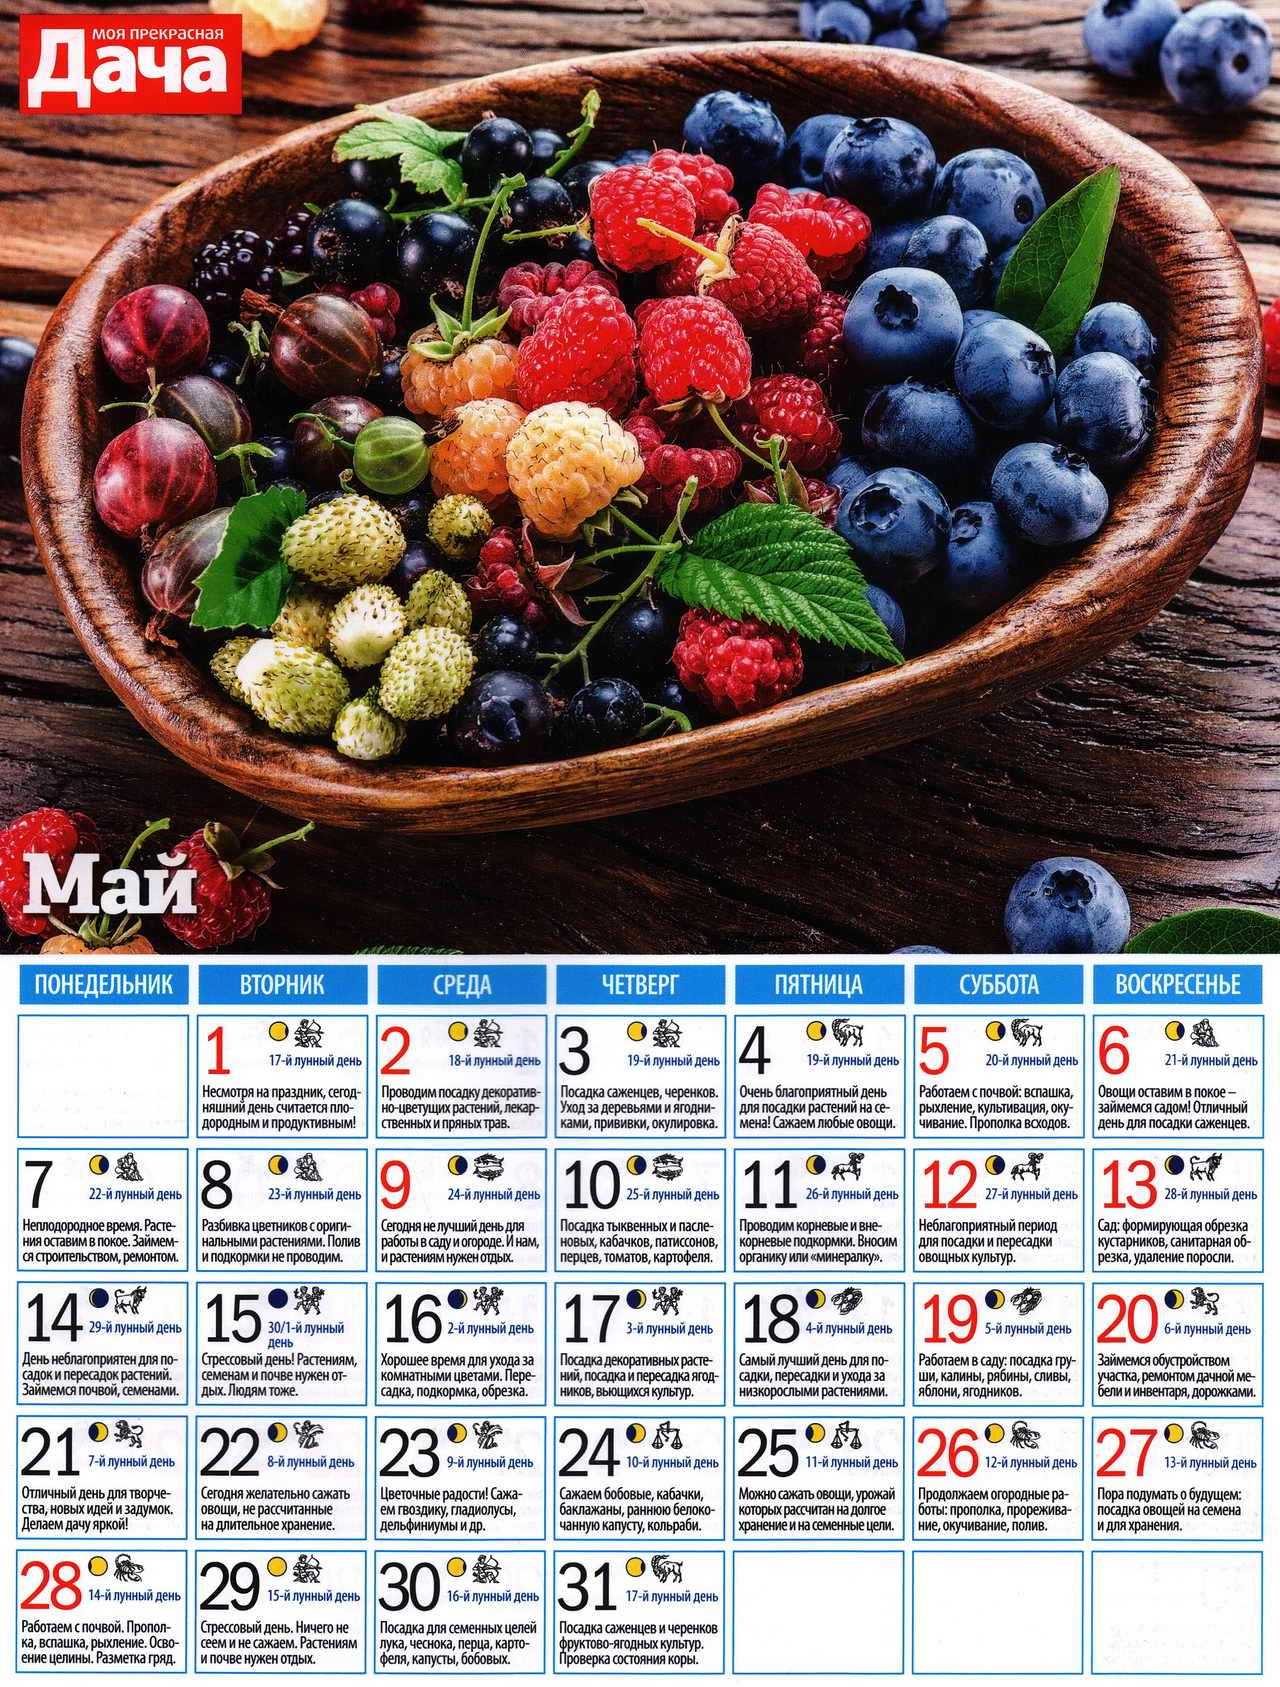 посевной лунный календарь май